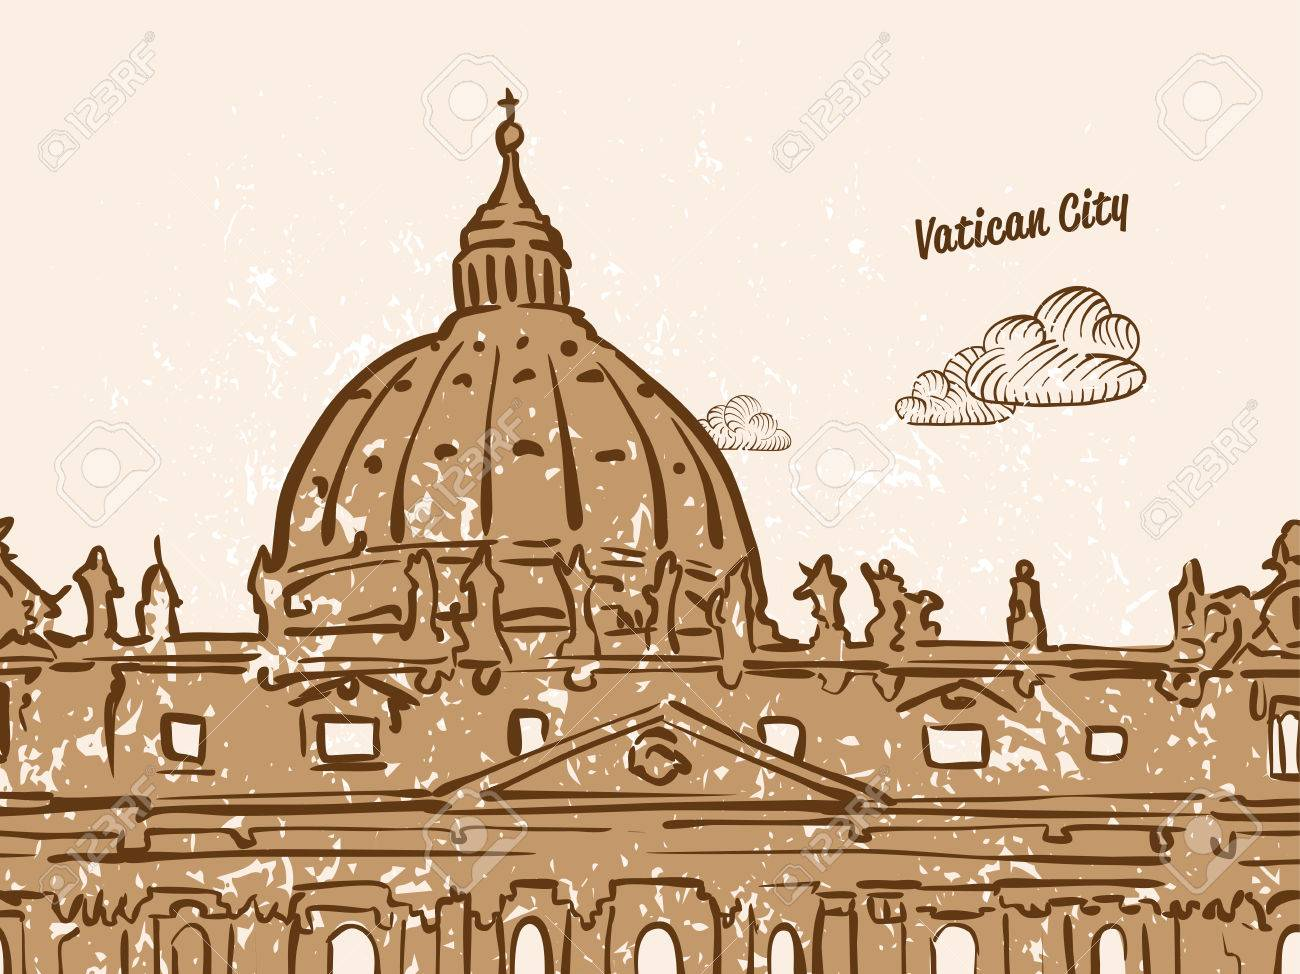 市 国 首都 バチカン